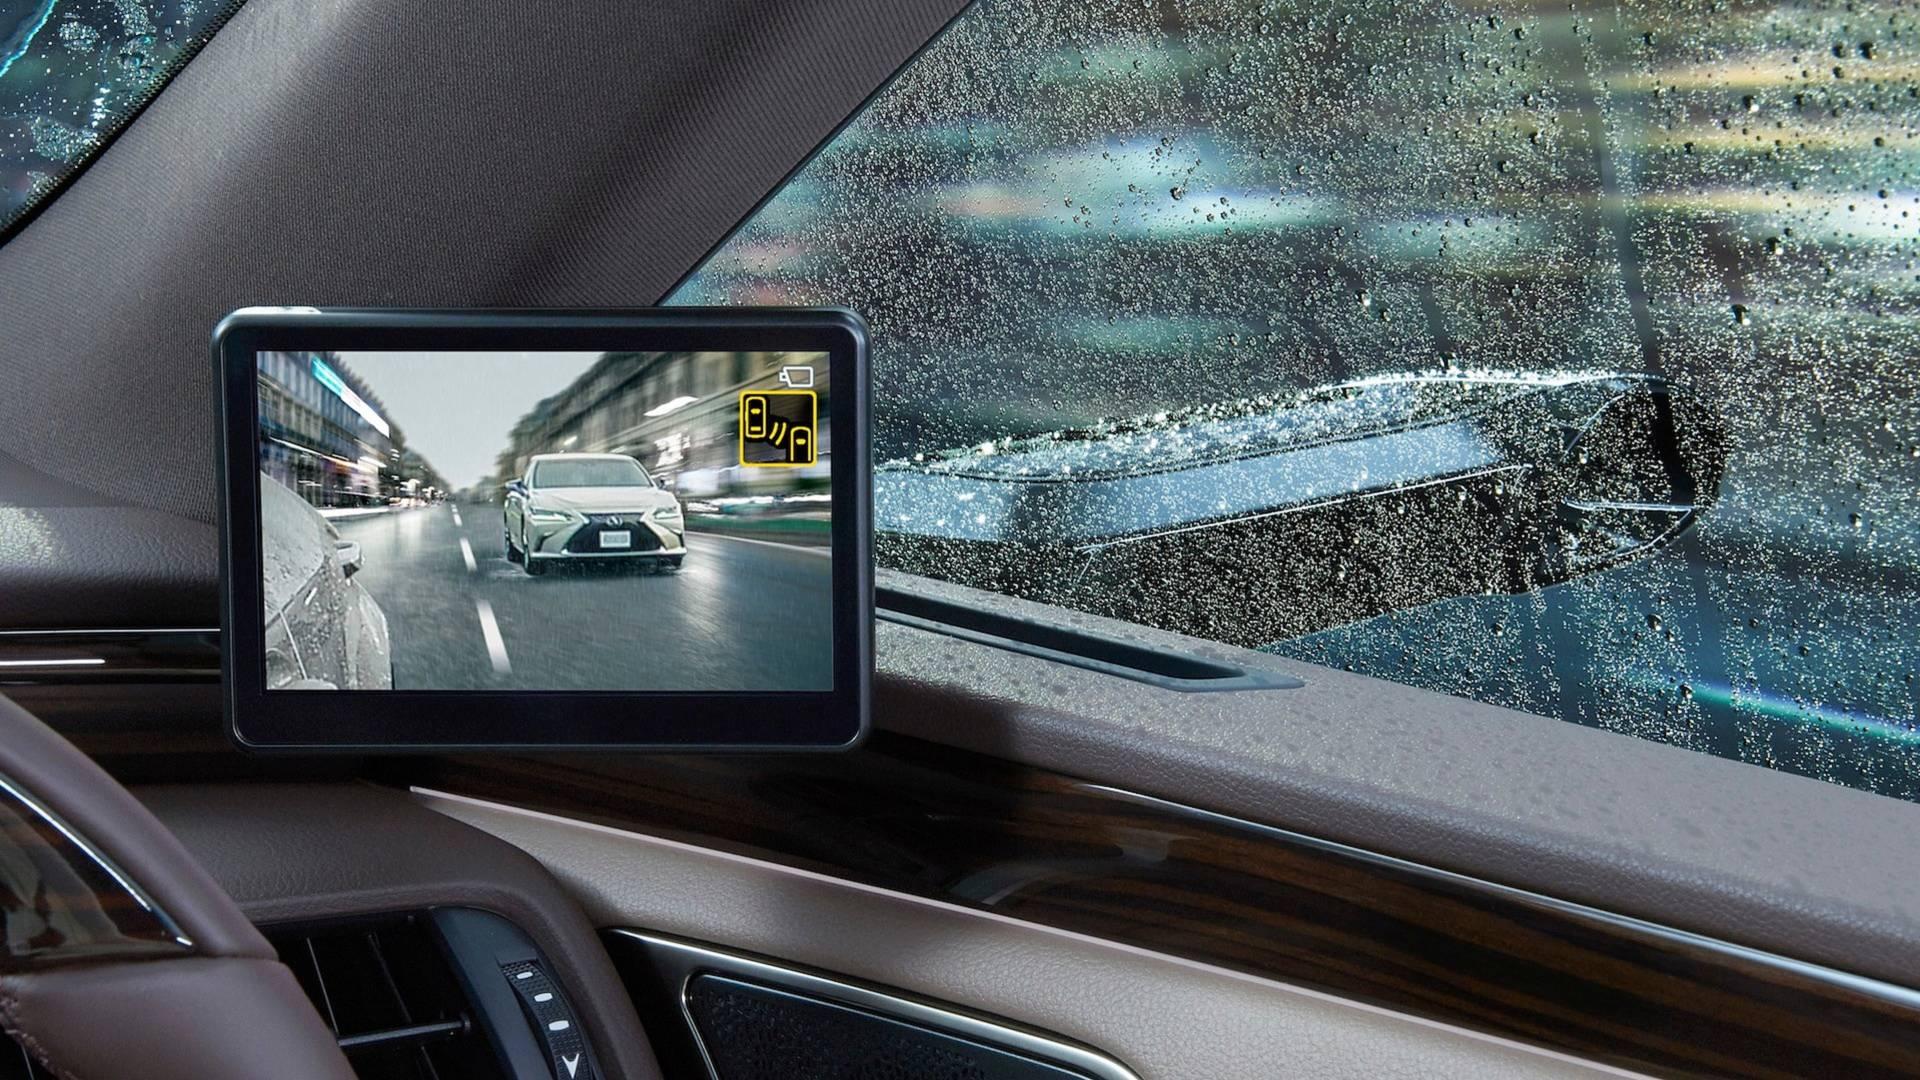 دوربینها جایگزین آینههای جانبی در لکسوس (+عکس) - 9